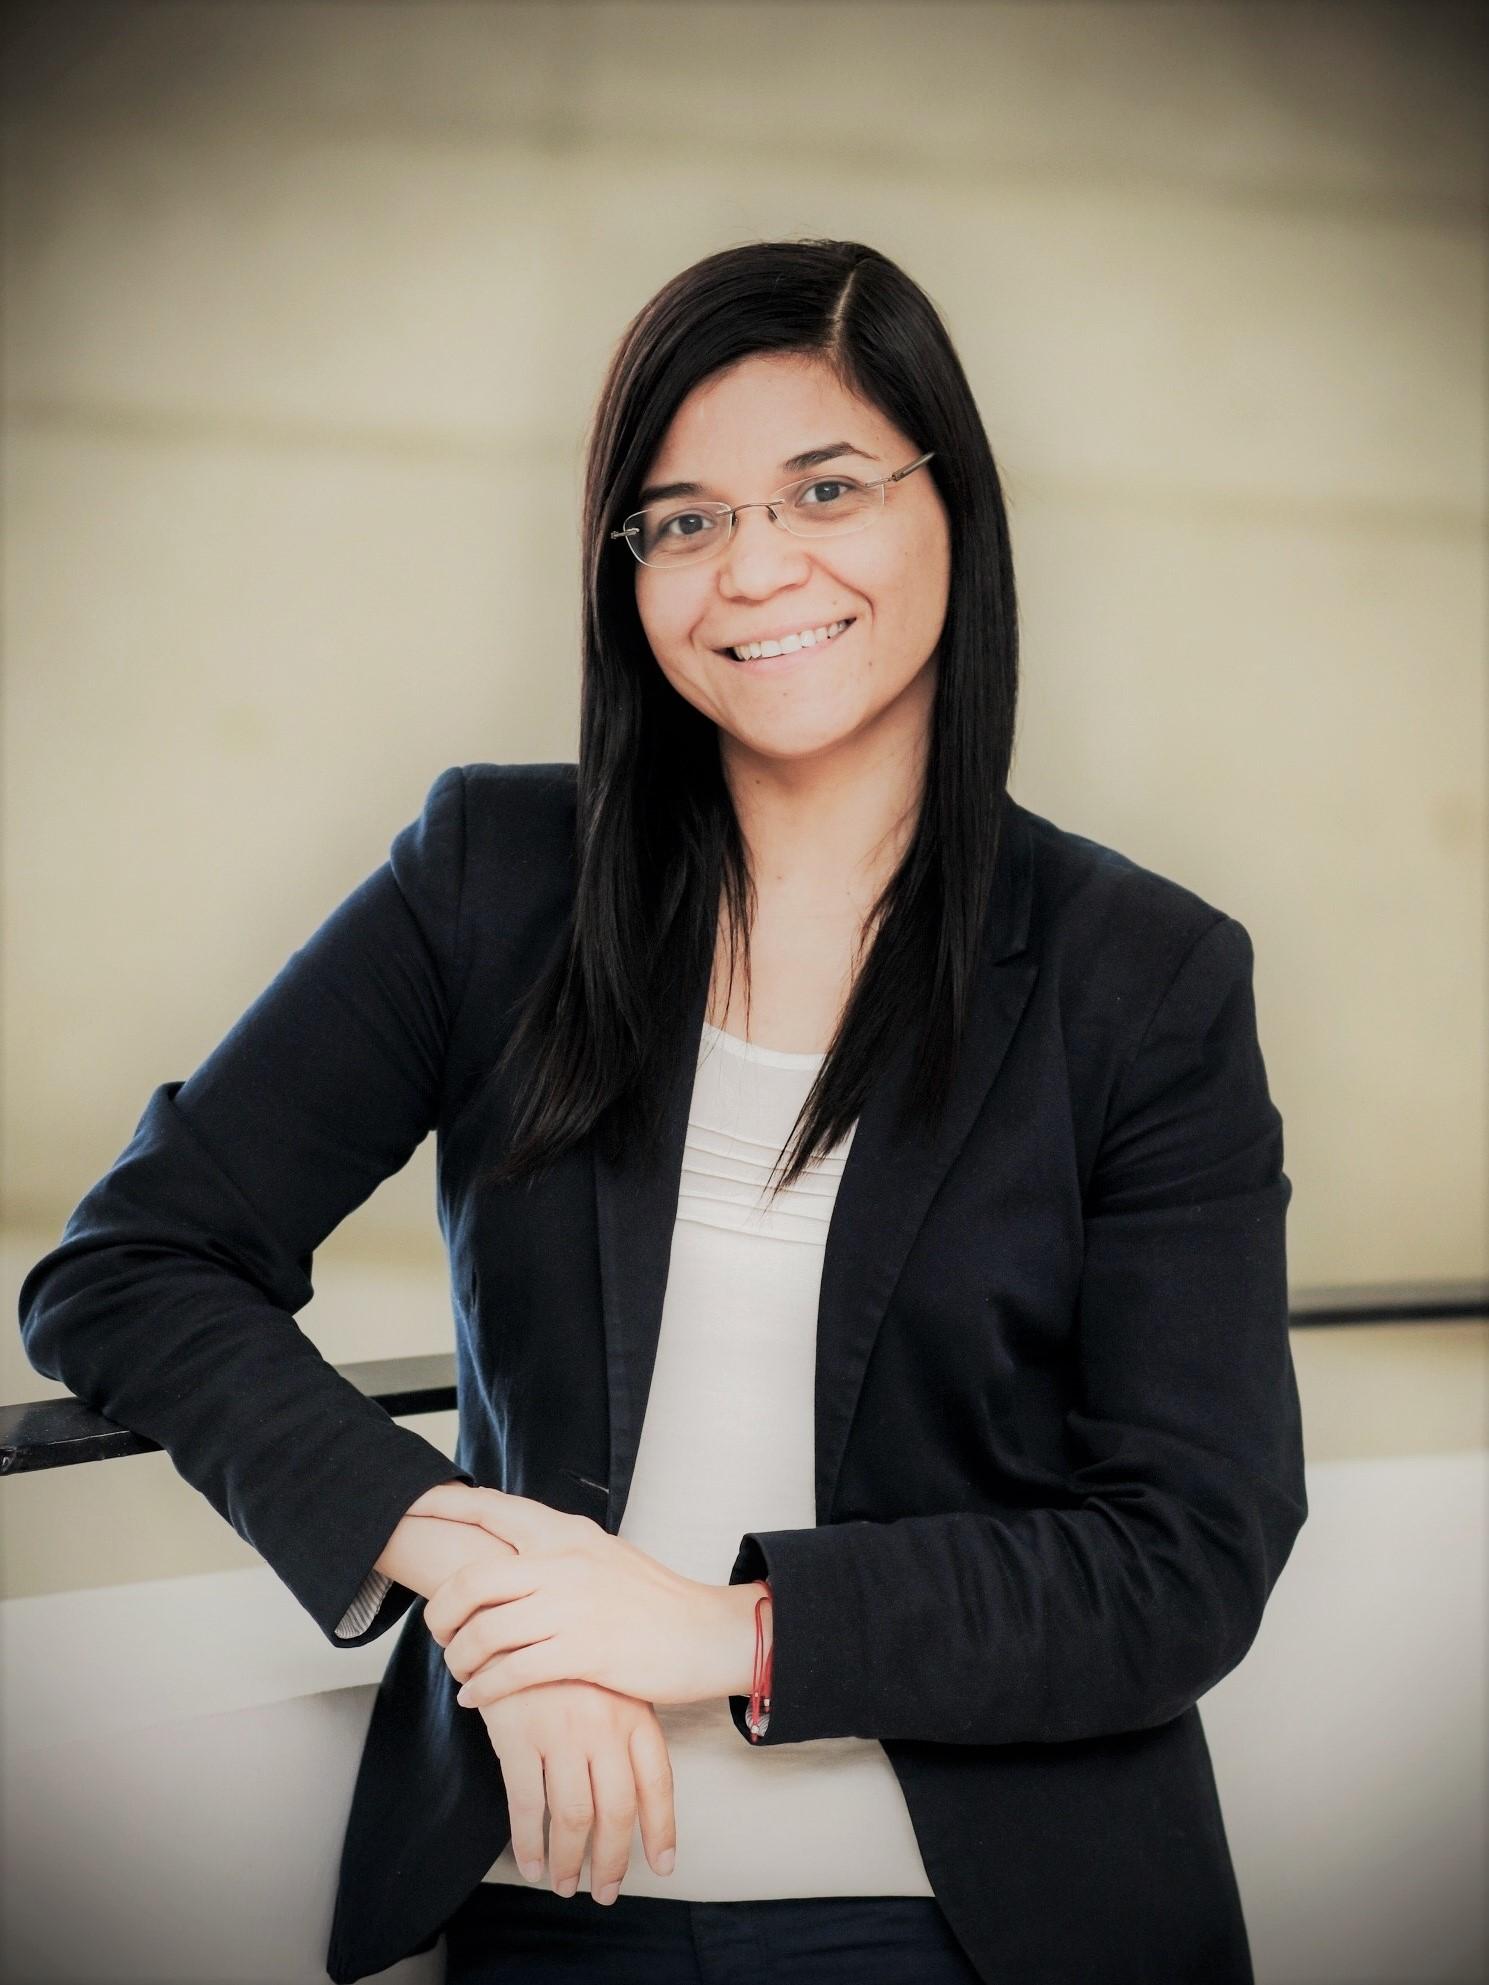 Maribel Guerrero